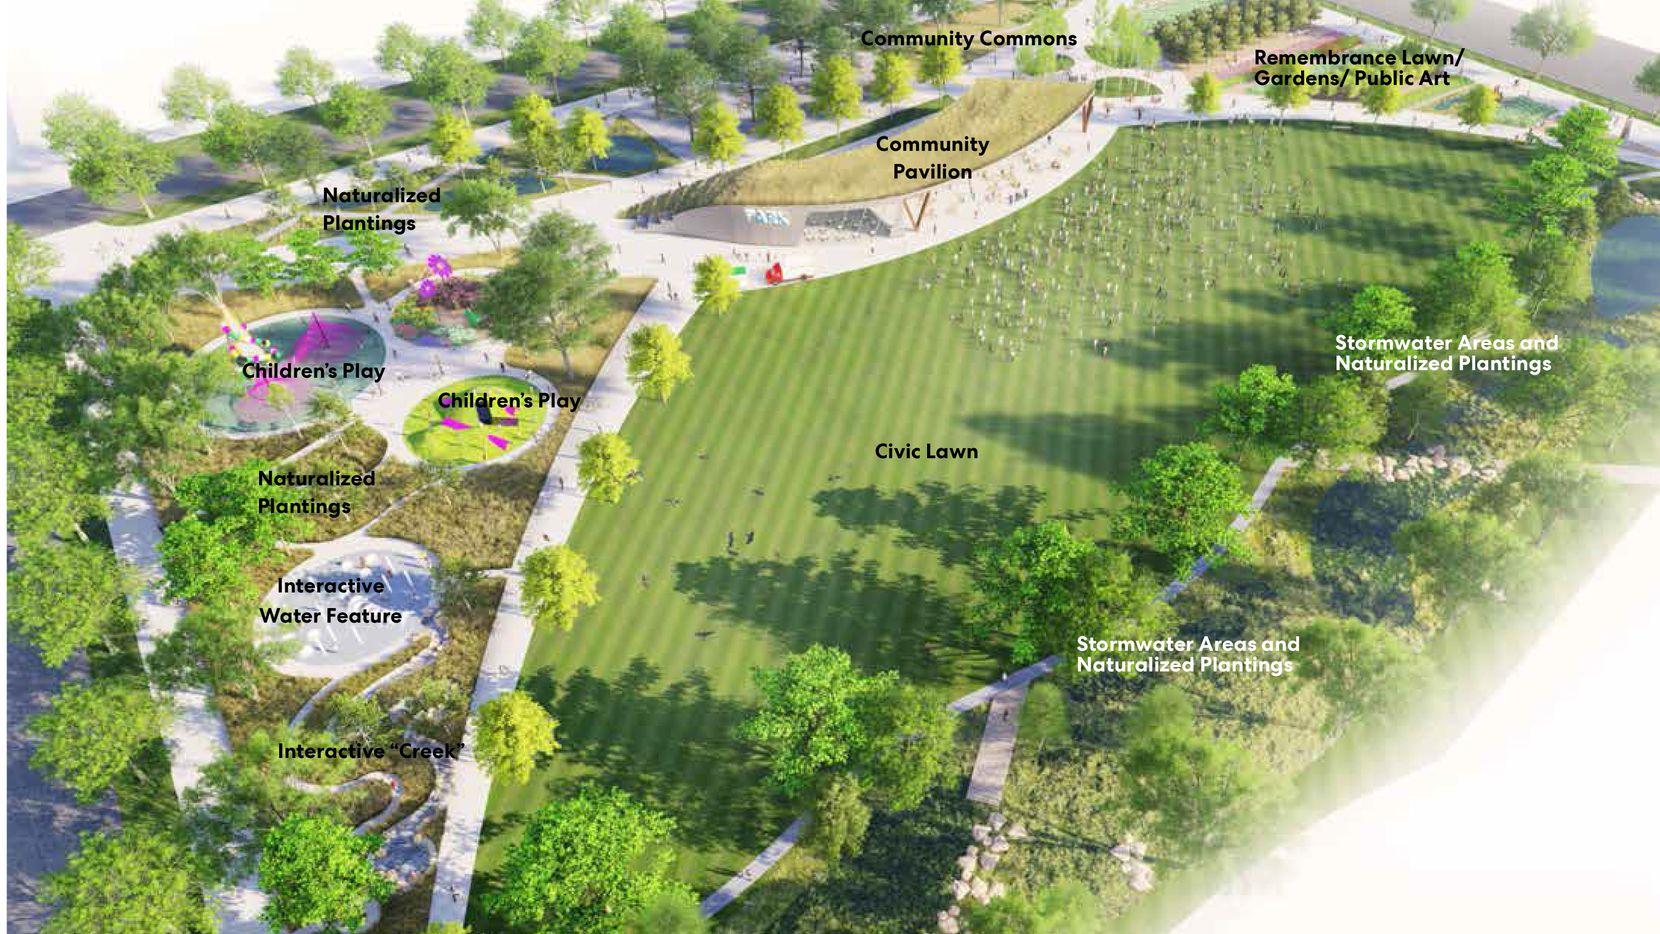 Un plano con el diseño del futuro parque comunitario en Fair Park, que fue aprobado el miércoles por el Concejo de Dallas.